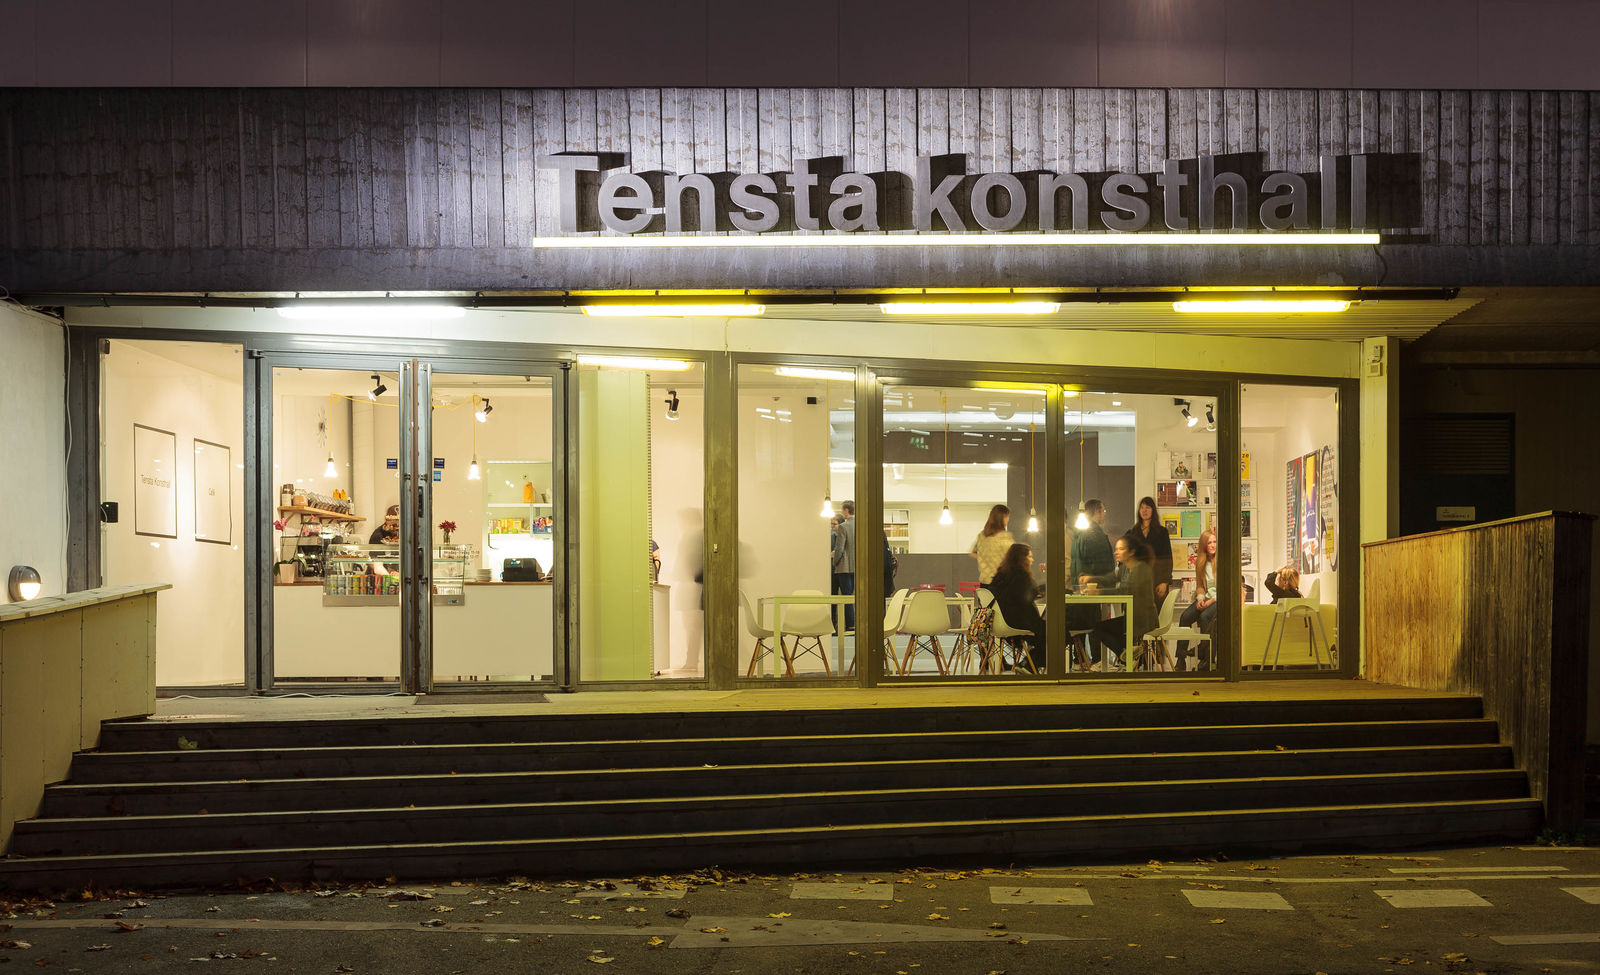 tensta konsthall - 1000×648